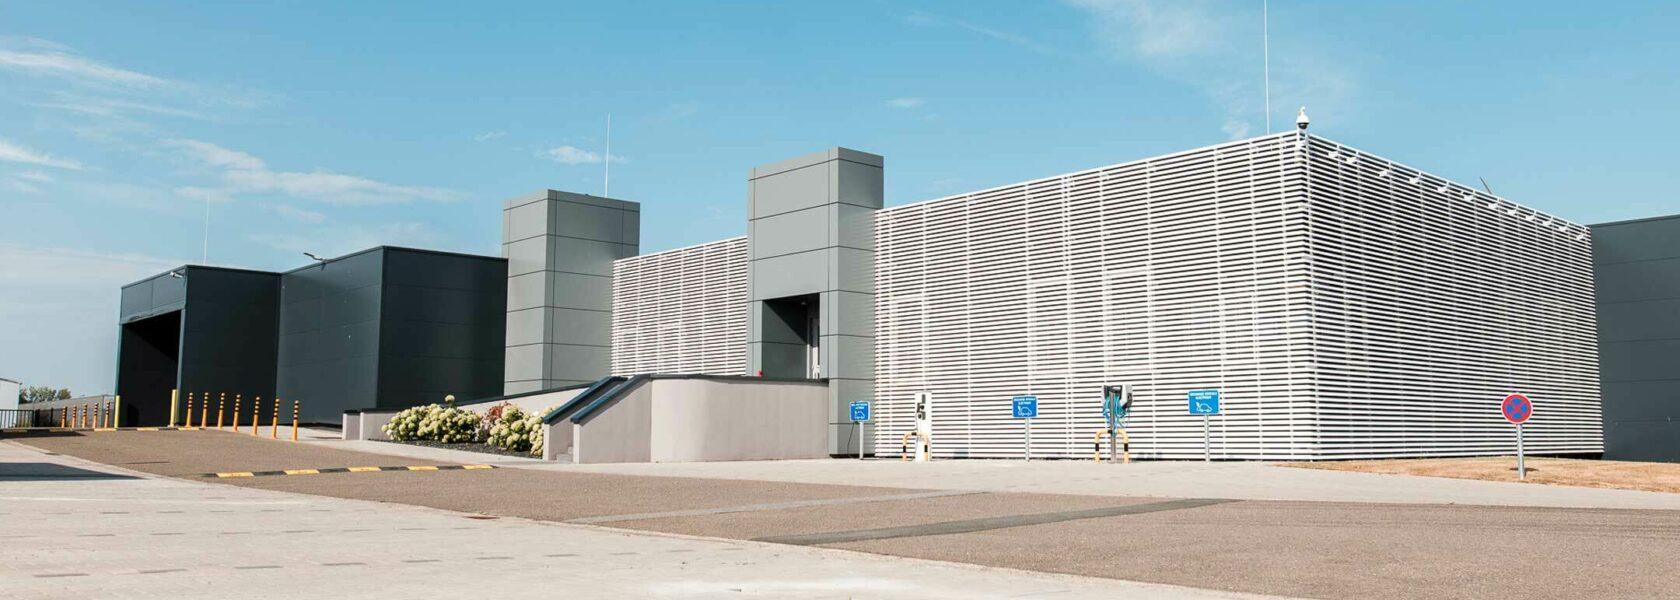 Wallonie data center wdc facade